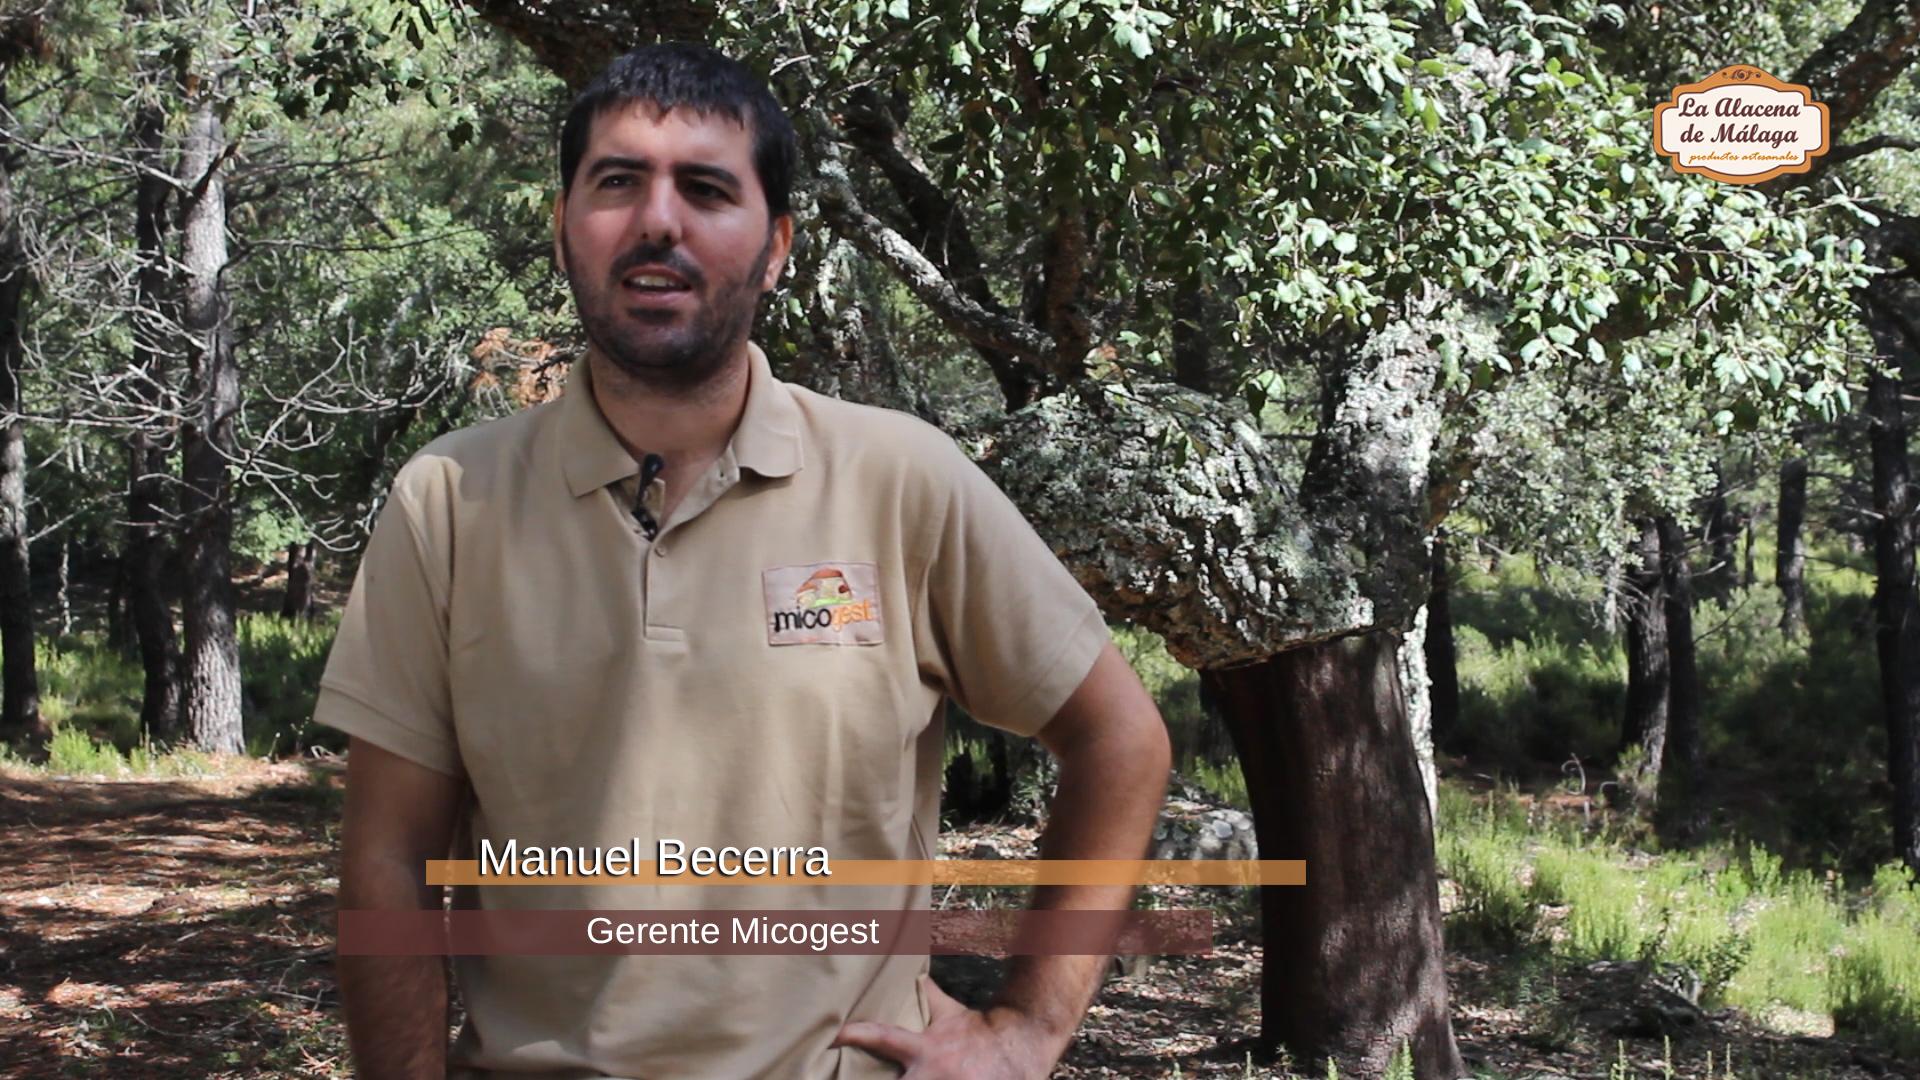 Temporada de setas en malaga manuel becerra de micogest for Piscina 02 manuel becerra